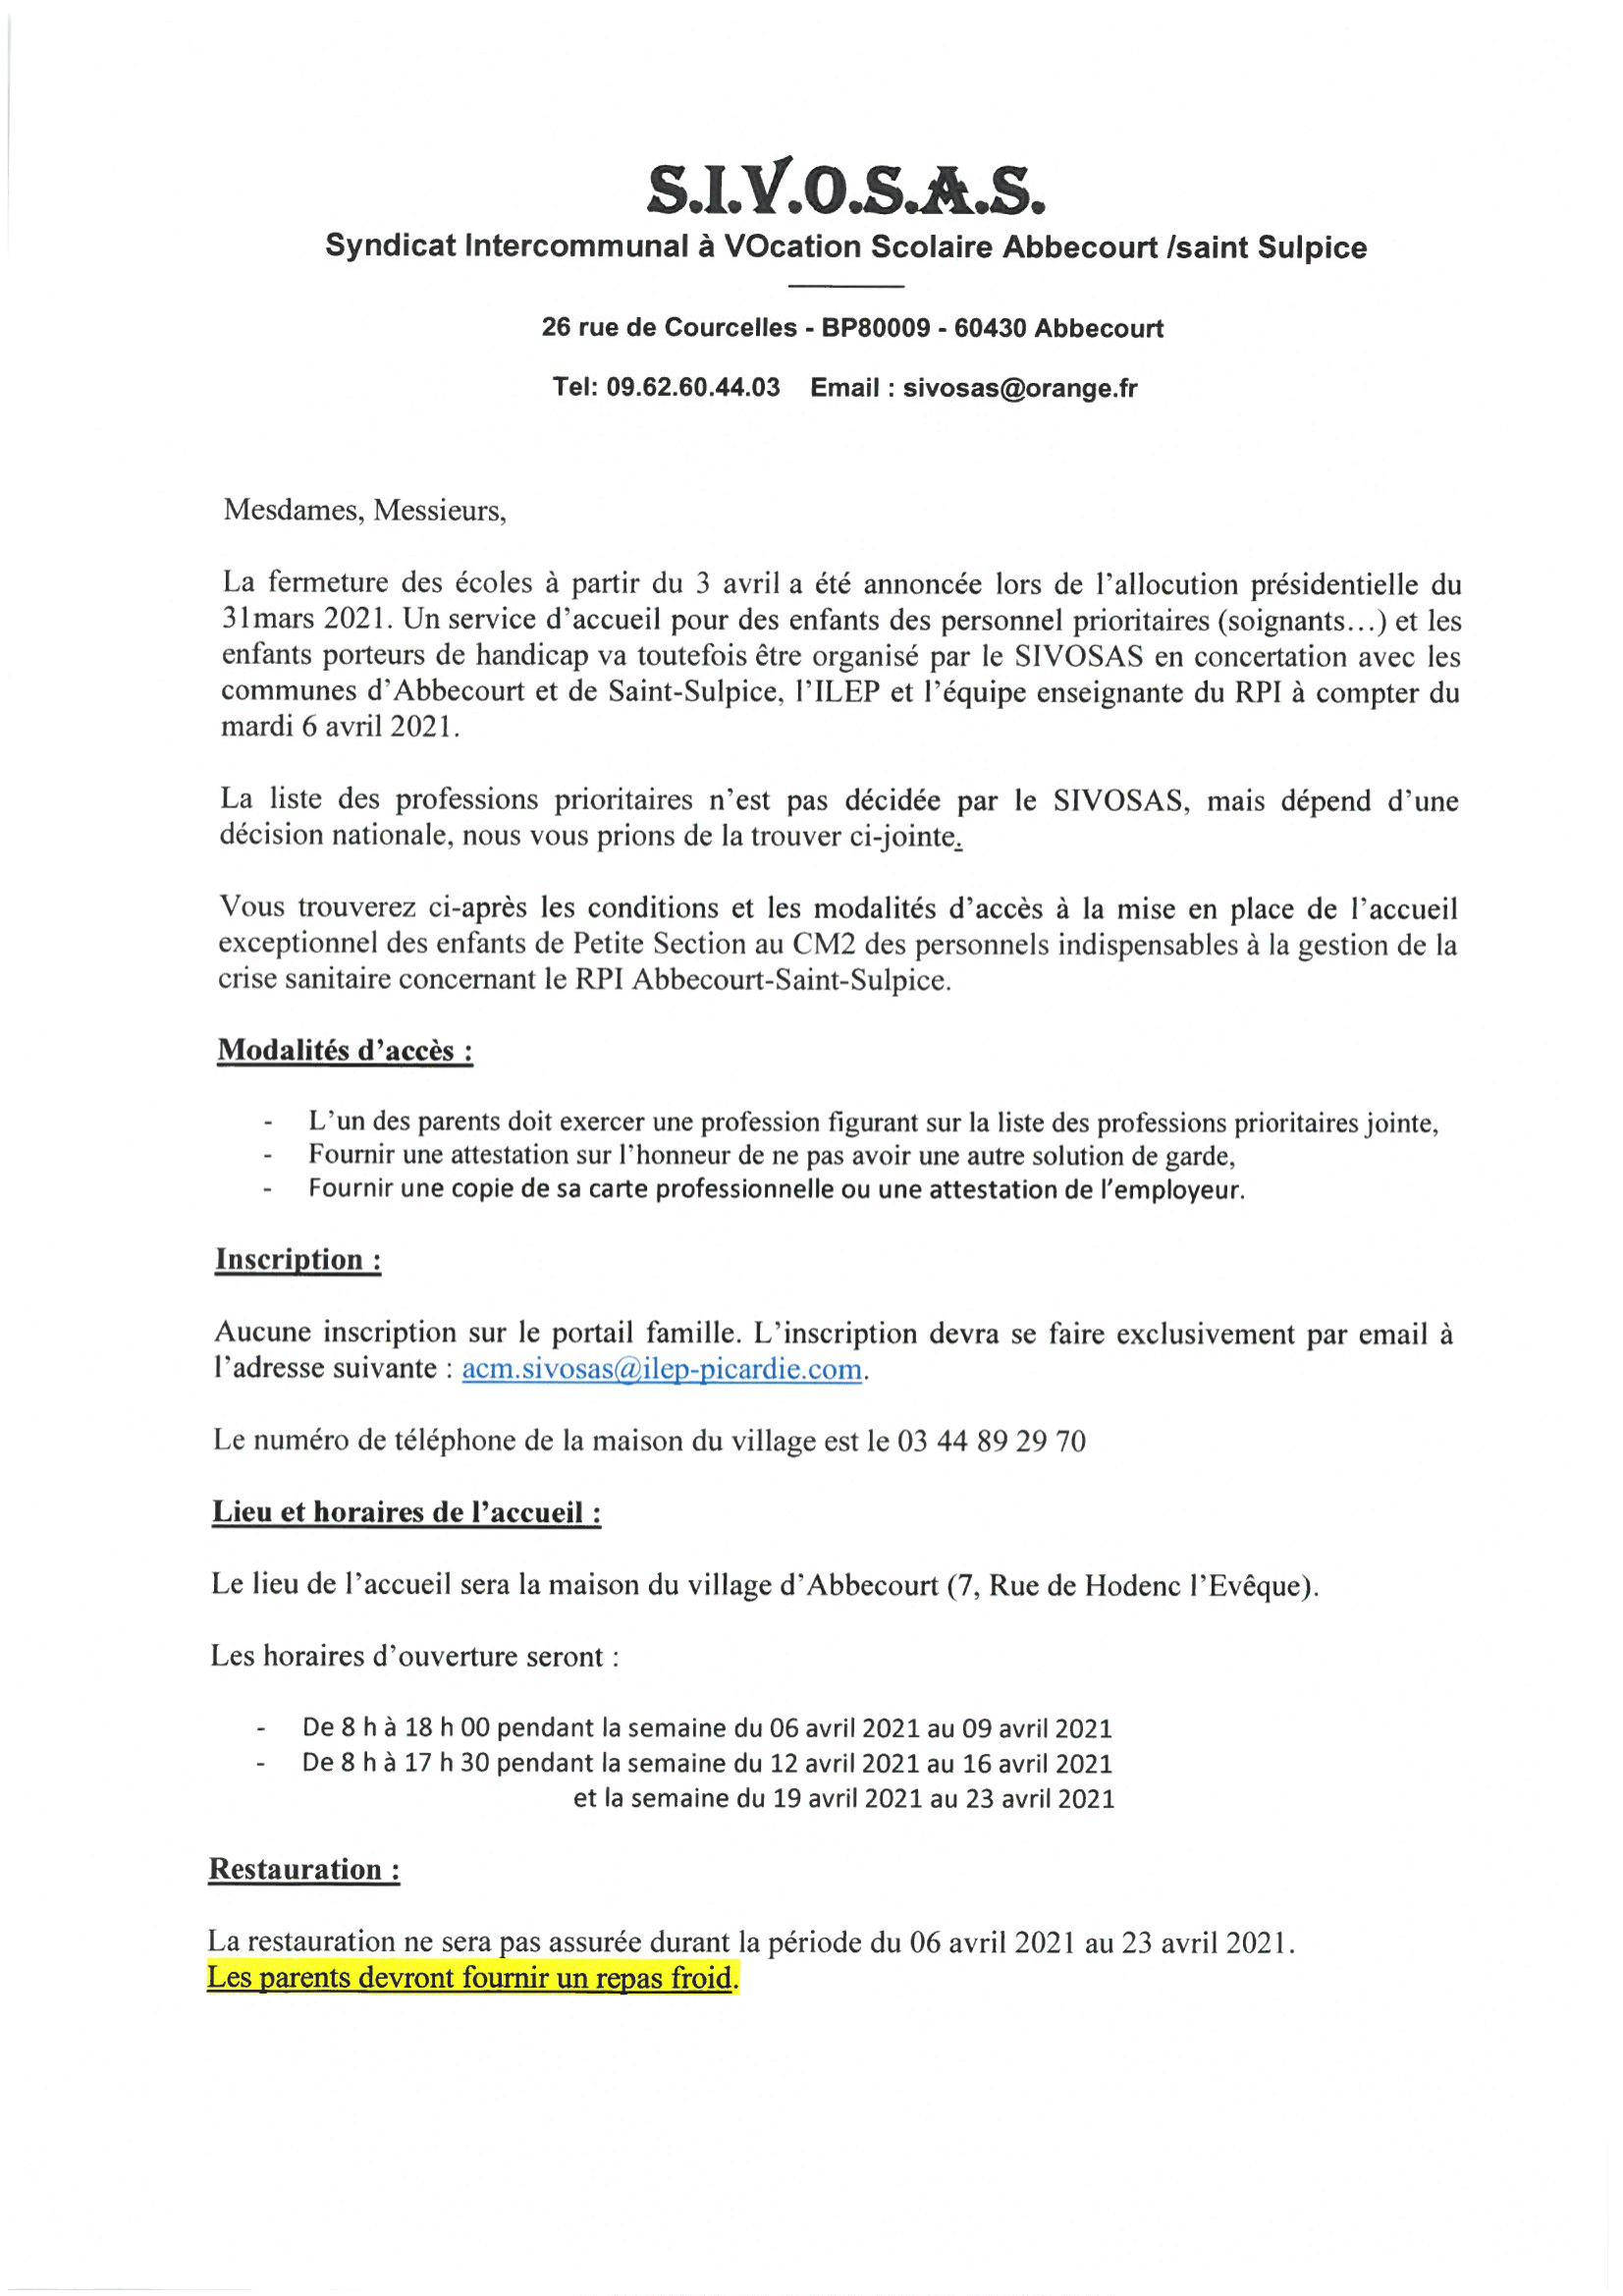 ACCUEIL  6 AU 23 AVRIL 2021 P1-1.png